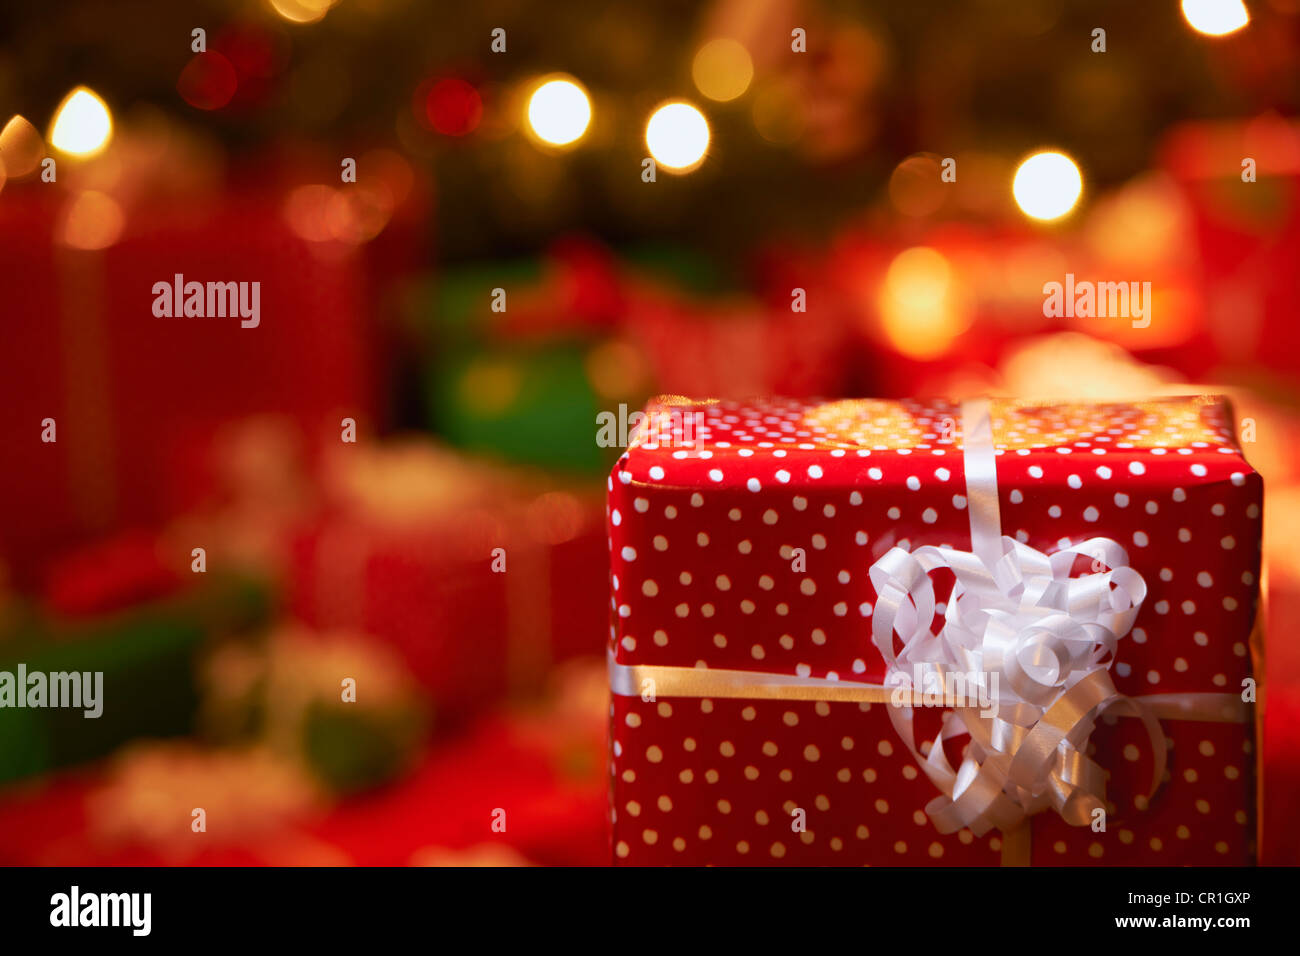 Nahaufnahme von Weihnachtsgeschenk Stockbild